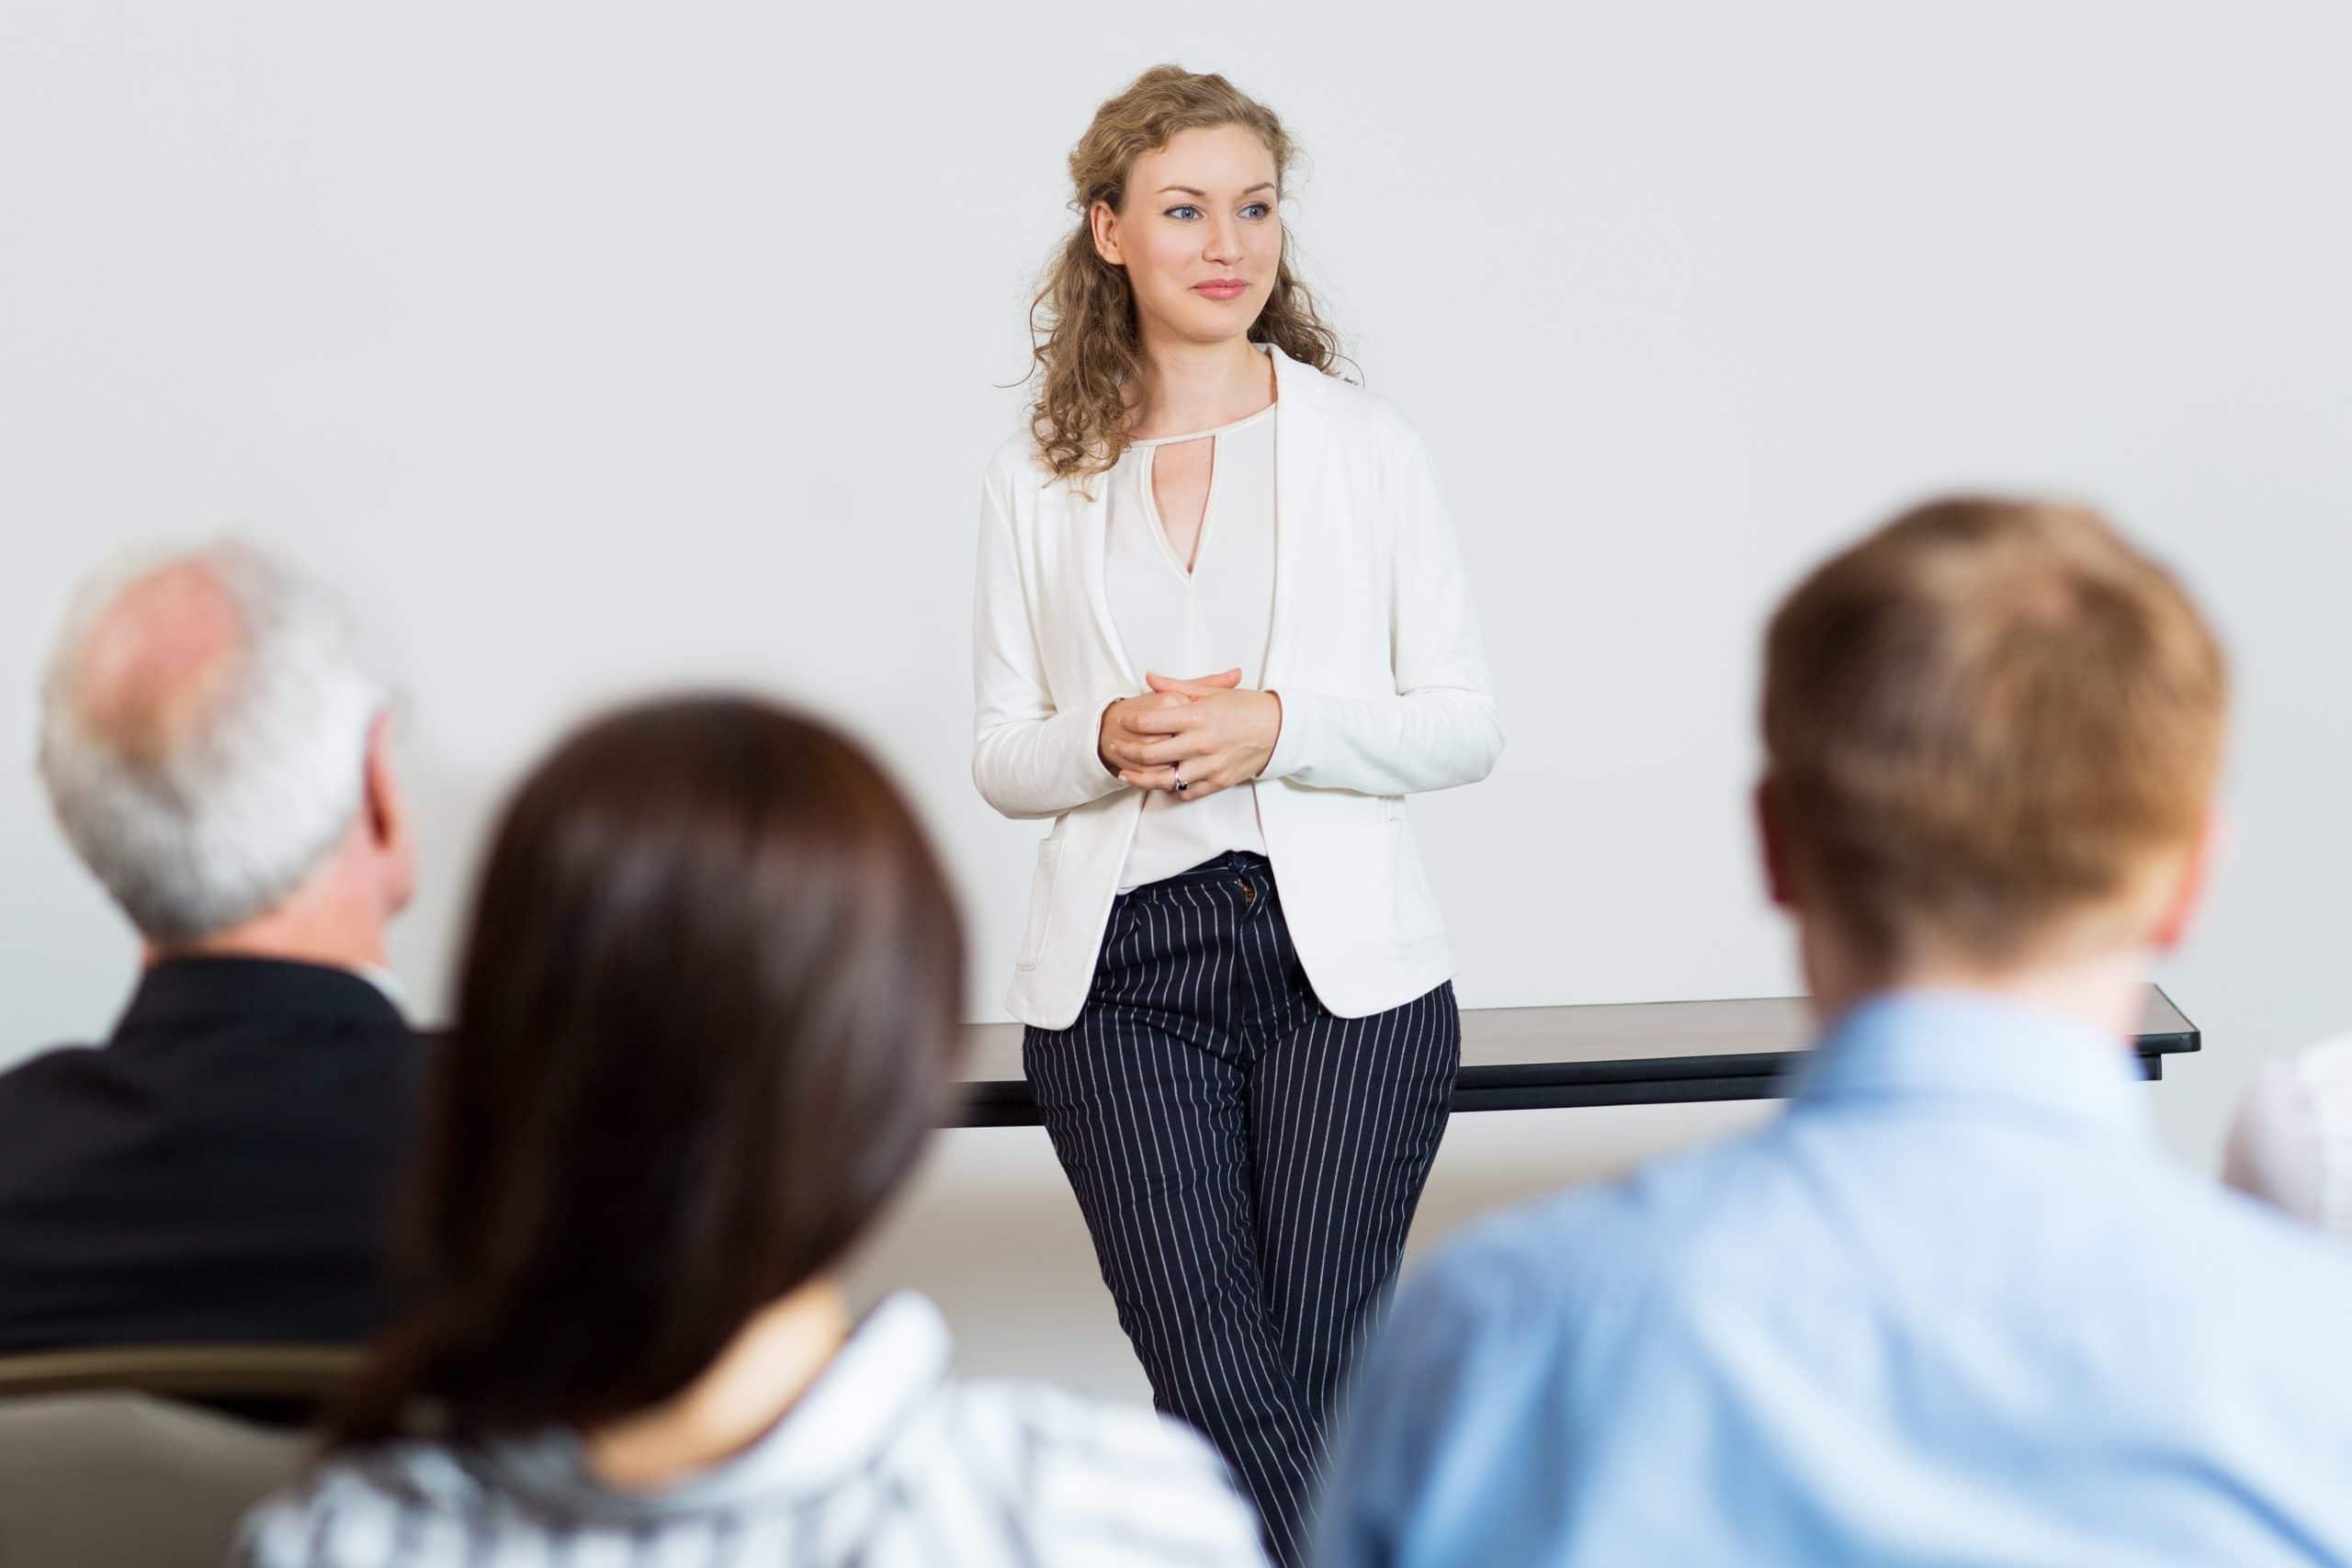 como superar el miedo a hablar en publico